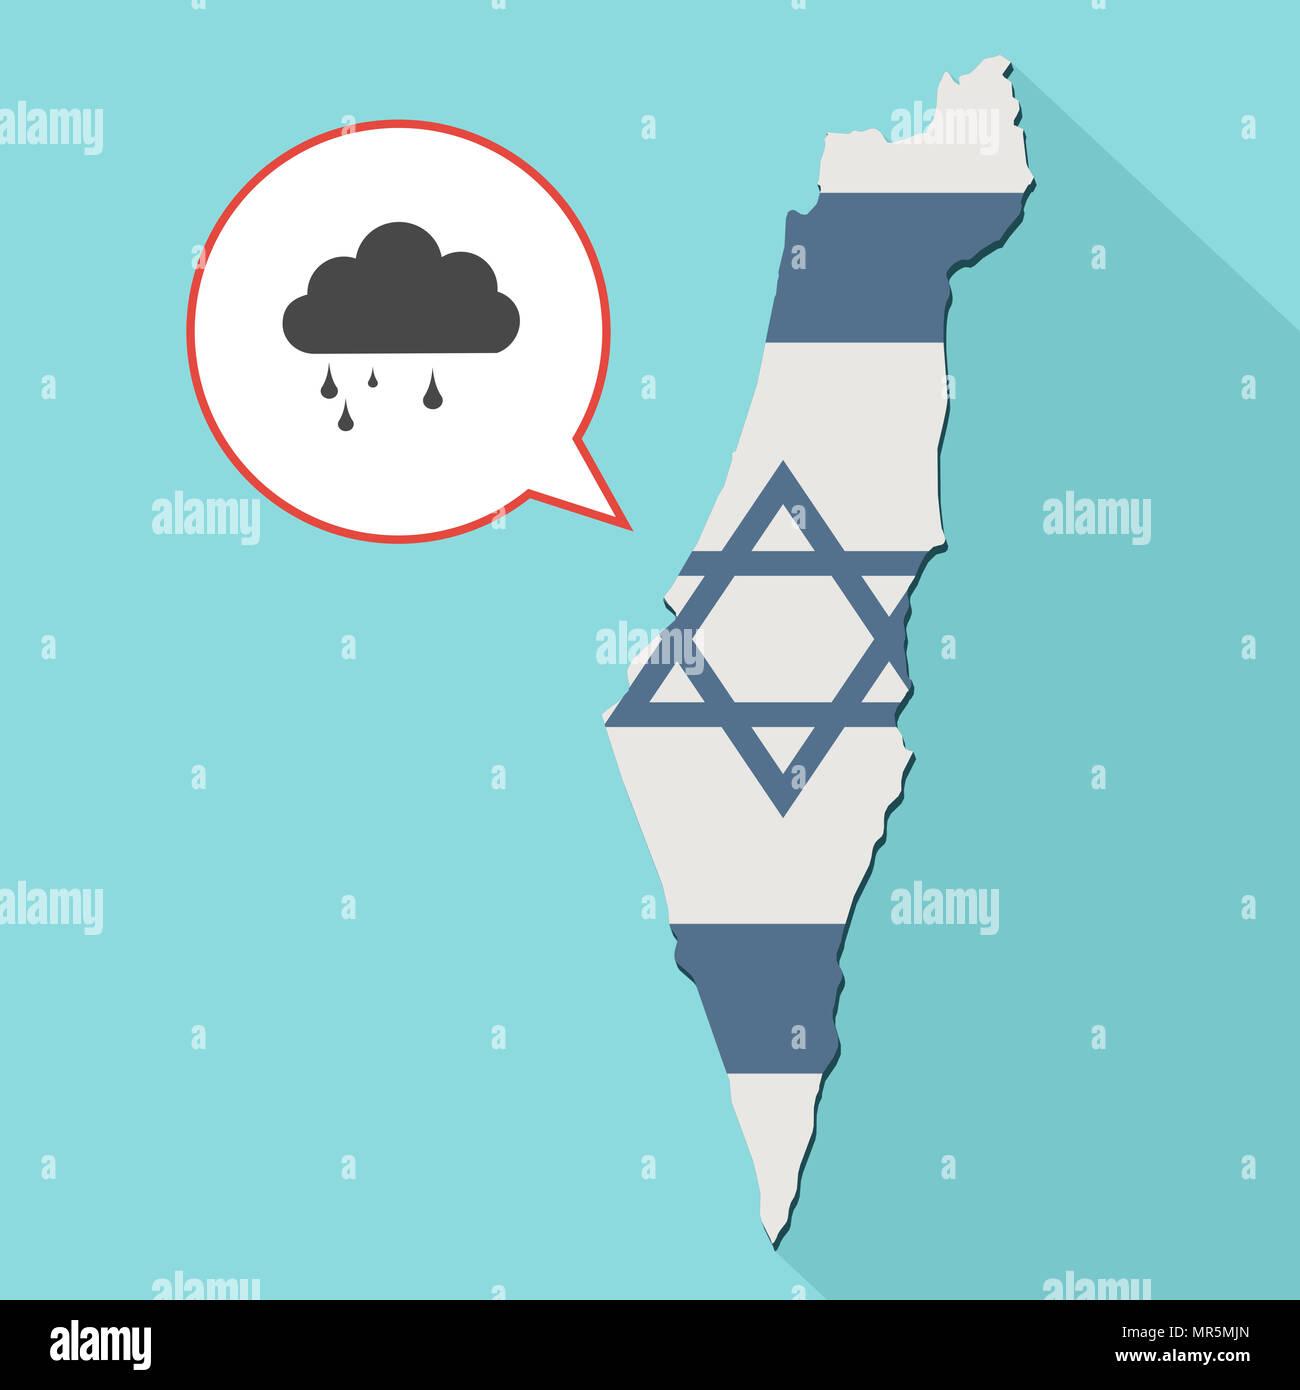 Illustrazione di una lunga ombra Israele mappa con la sua bandiera e un palloncino di fumetti con una nube e pioggia Immagini Stock